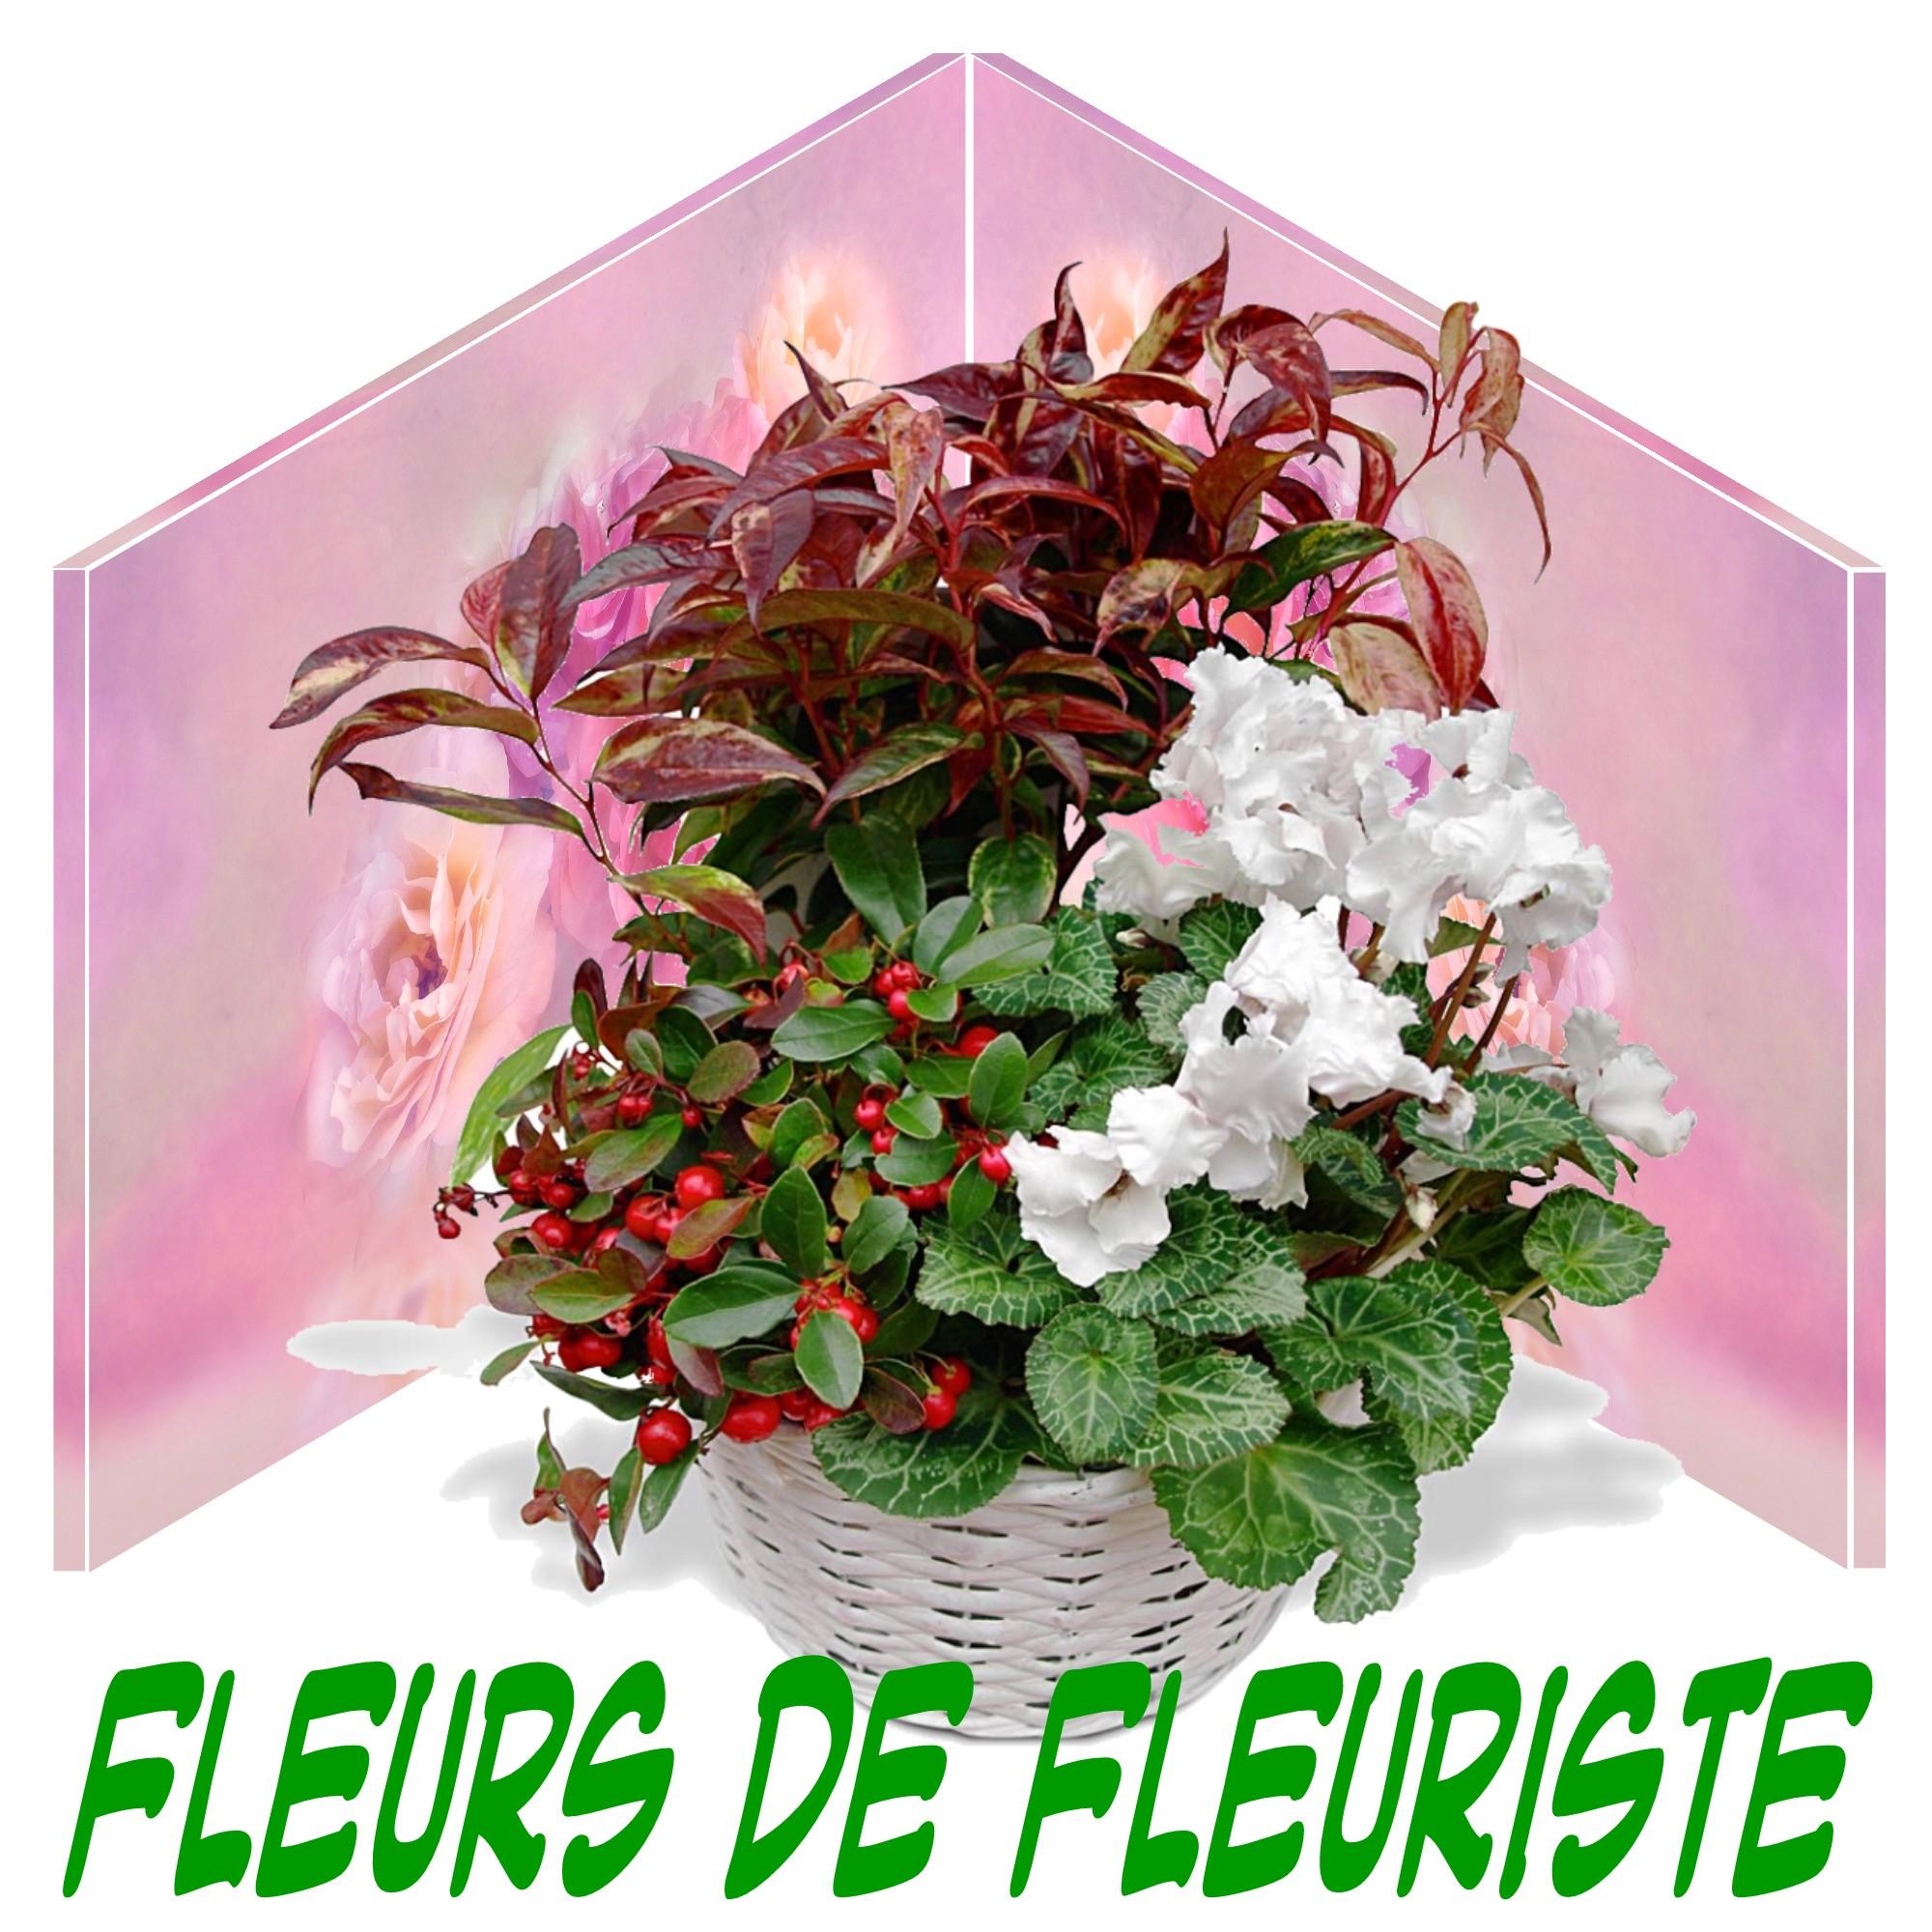 LIVRER DES FLEURS POUR UN ENTERREMENT A VALETTE 15